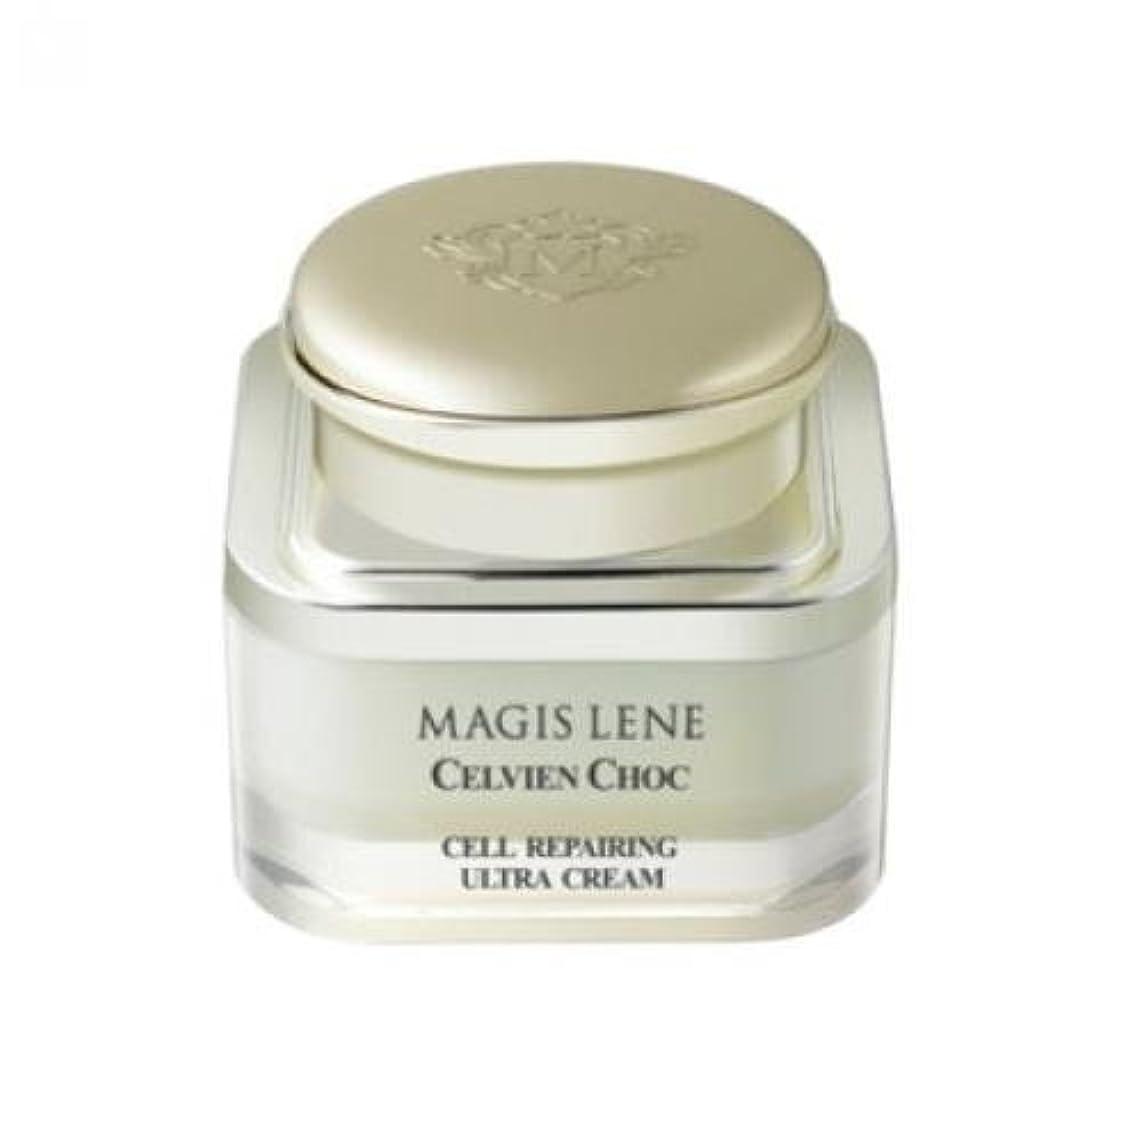 プラグ測る知的Magis Celvien Choc Cell Repairing Ultra Cream/ Made in Korea